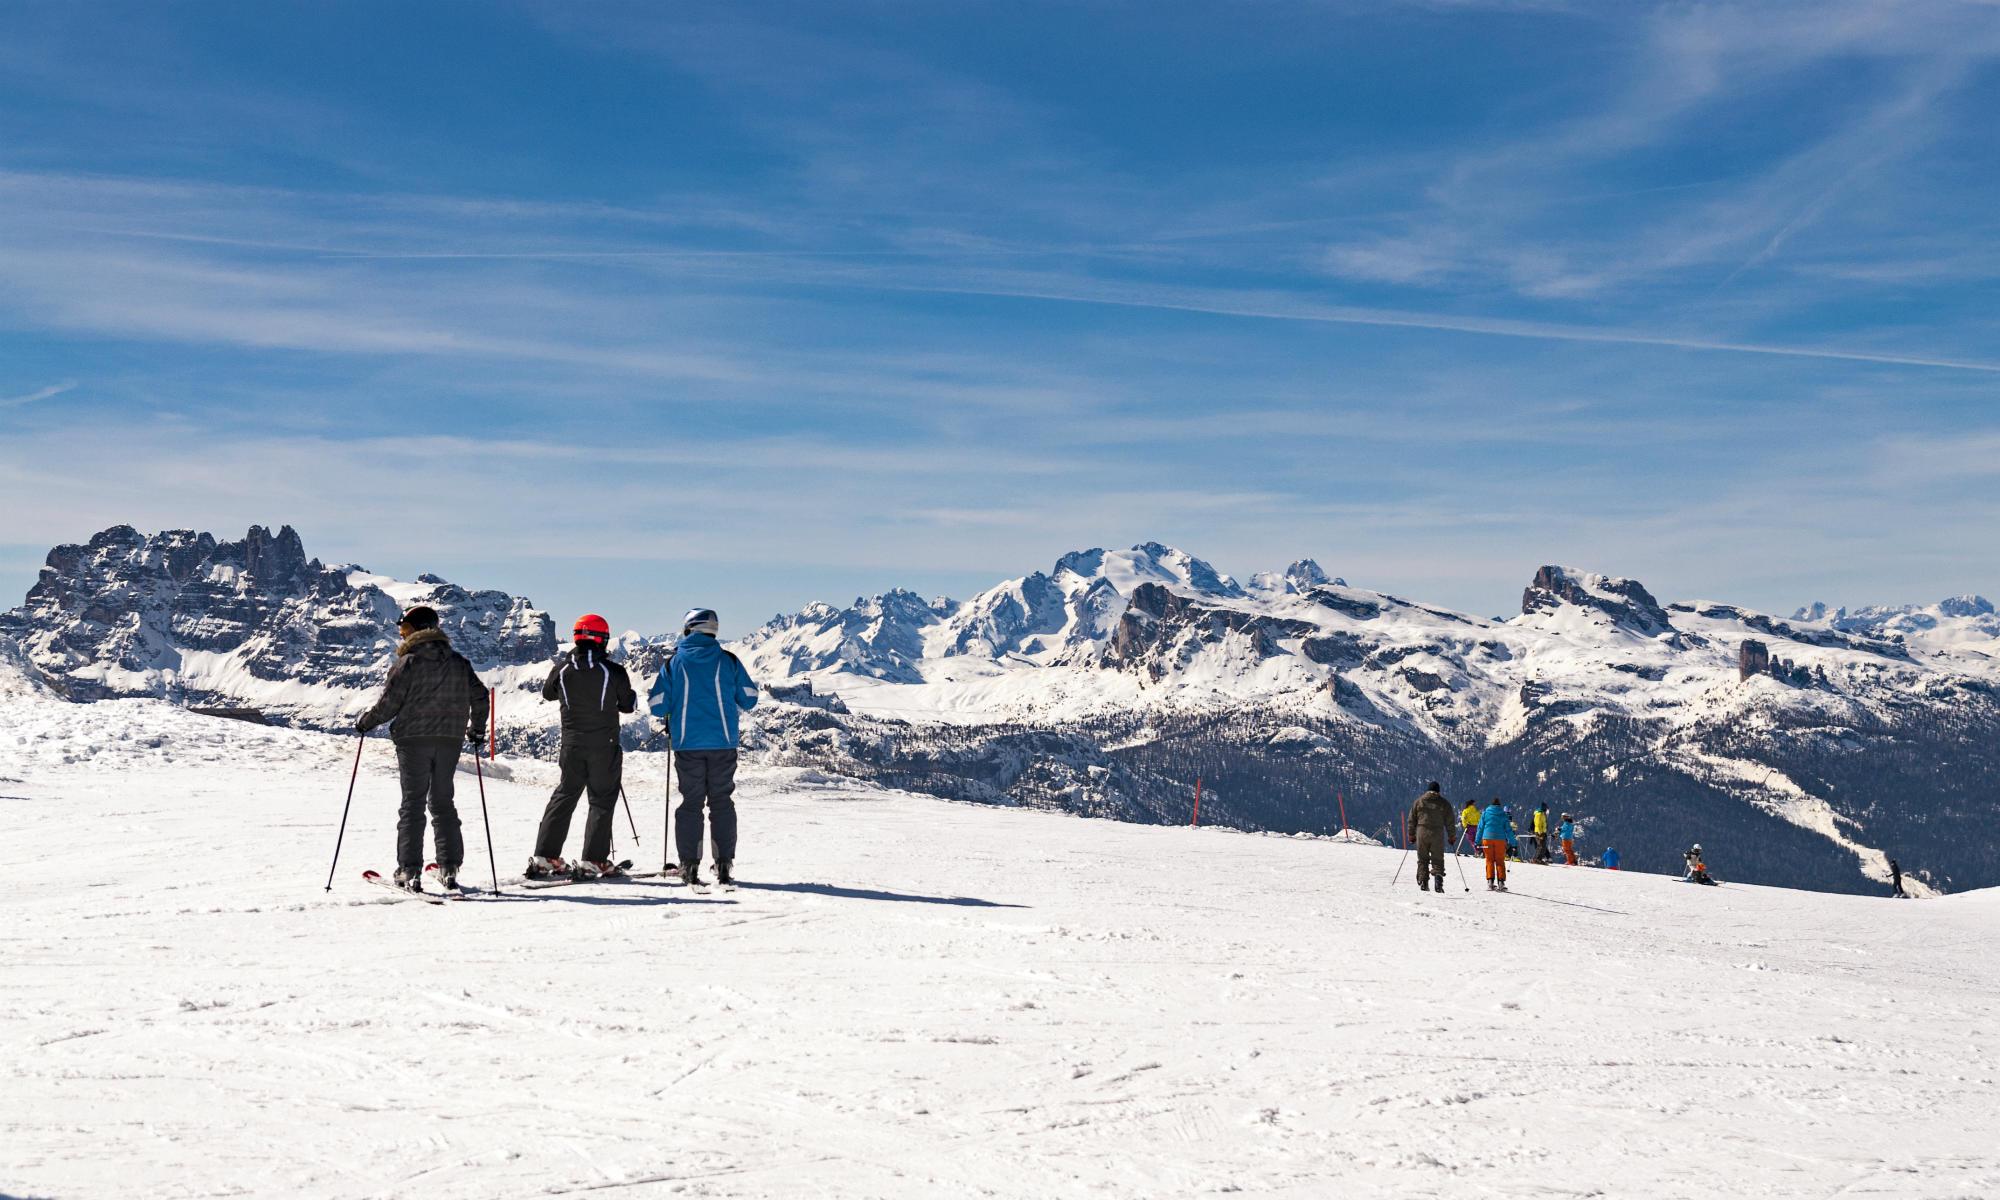 Un gruppo di sciatori intenti ad ammirare il paesaggio sulle piste di Cortina.